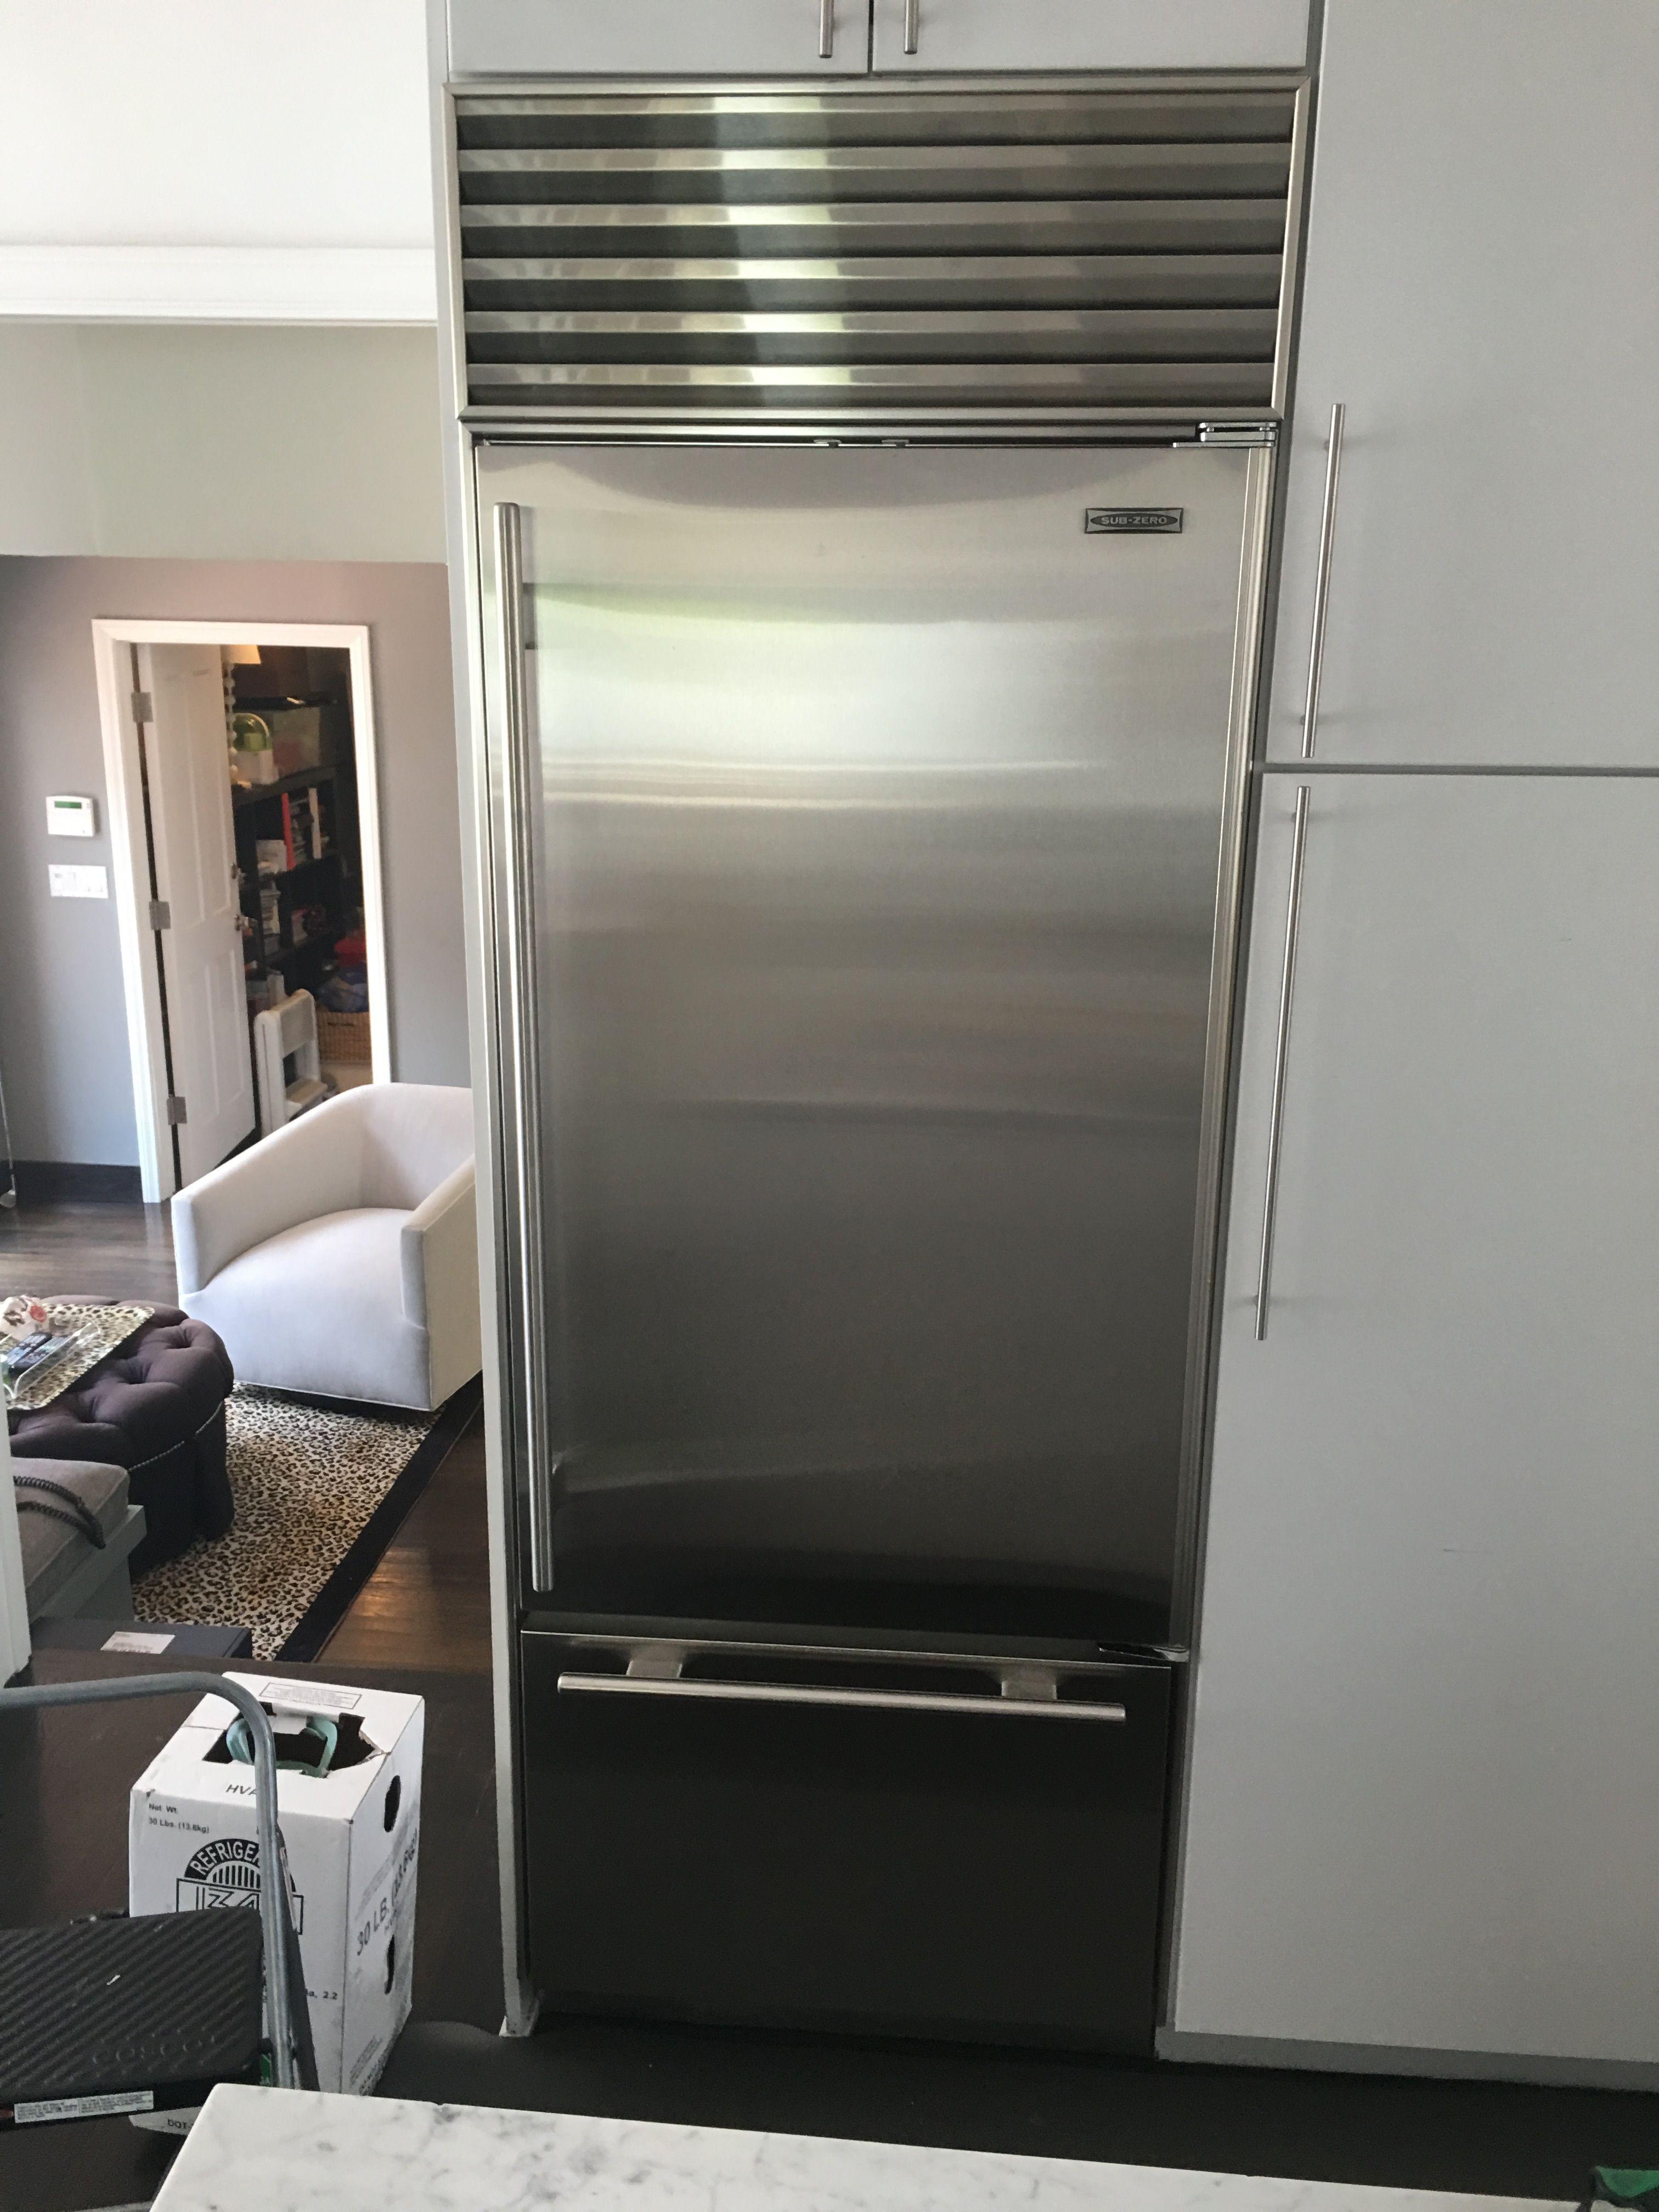 SubZeroFrenchDoorRefrigerator Repair BeverlyHills